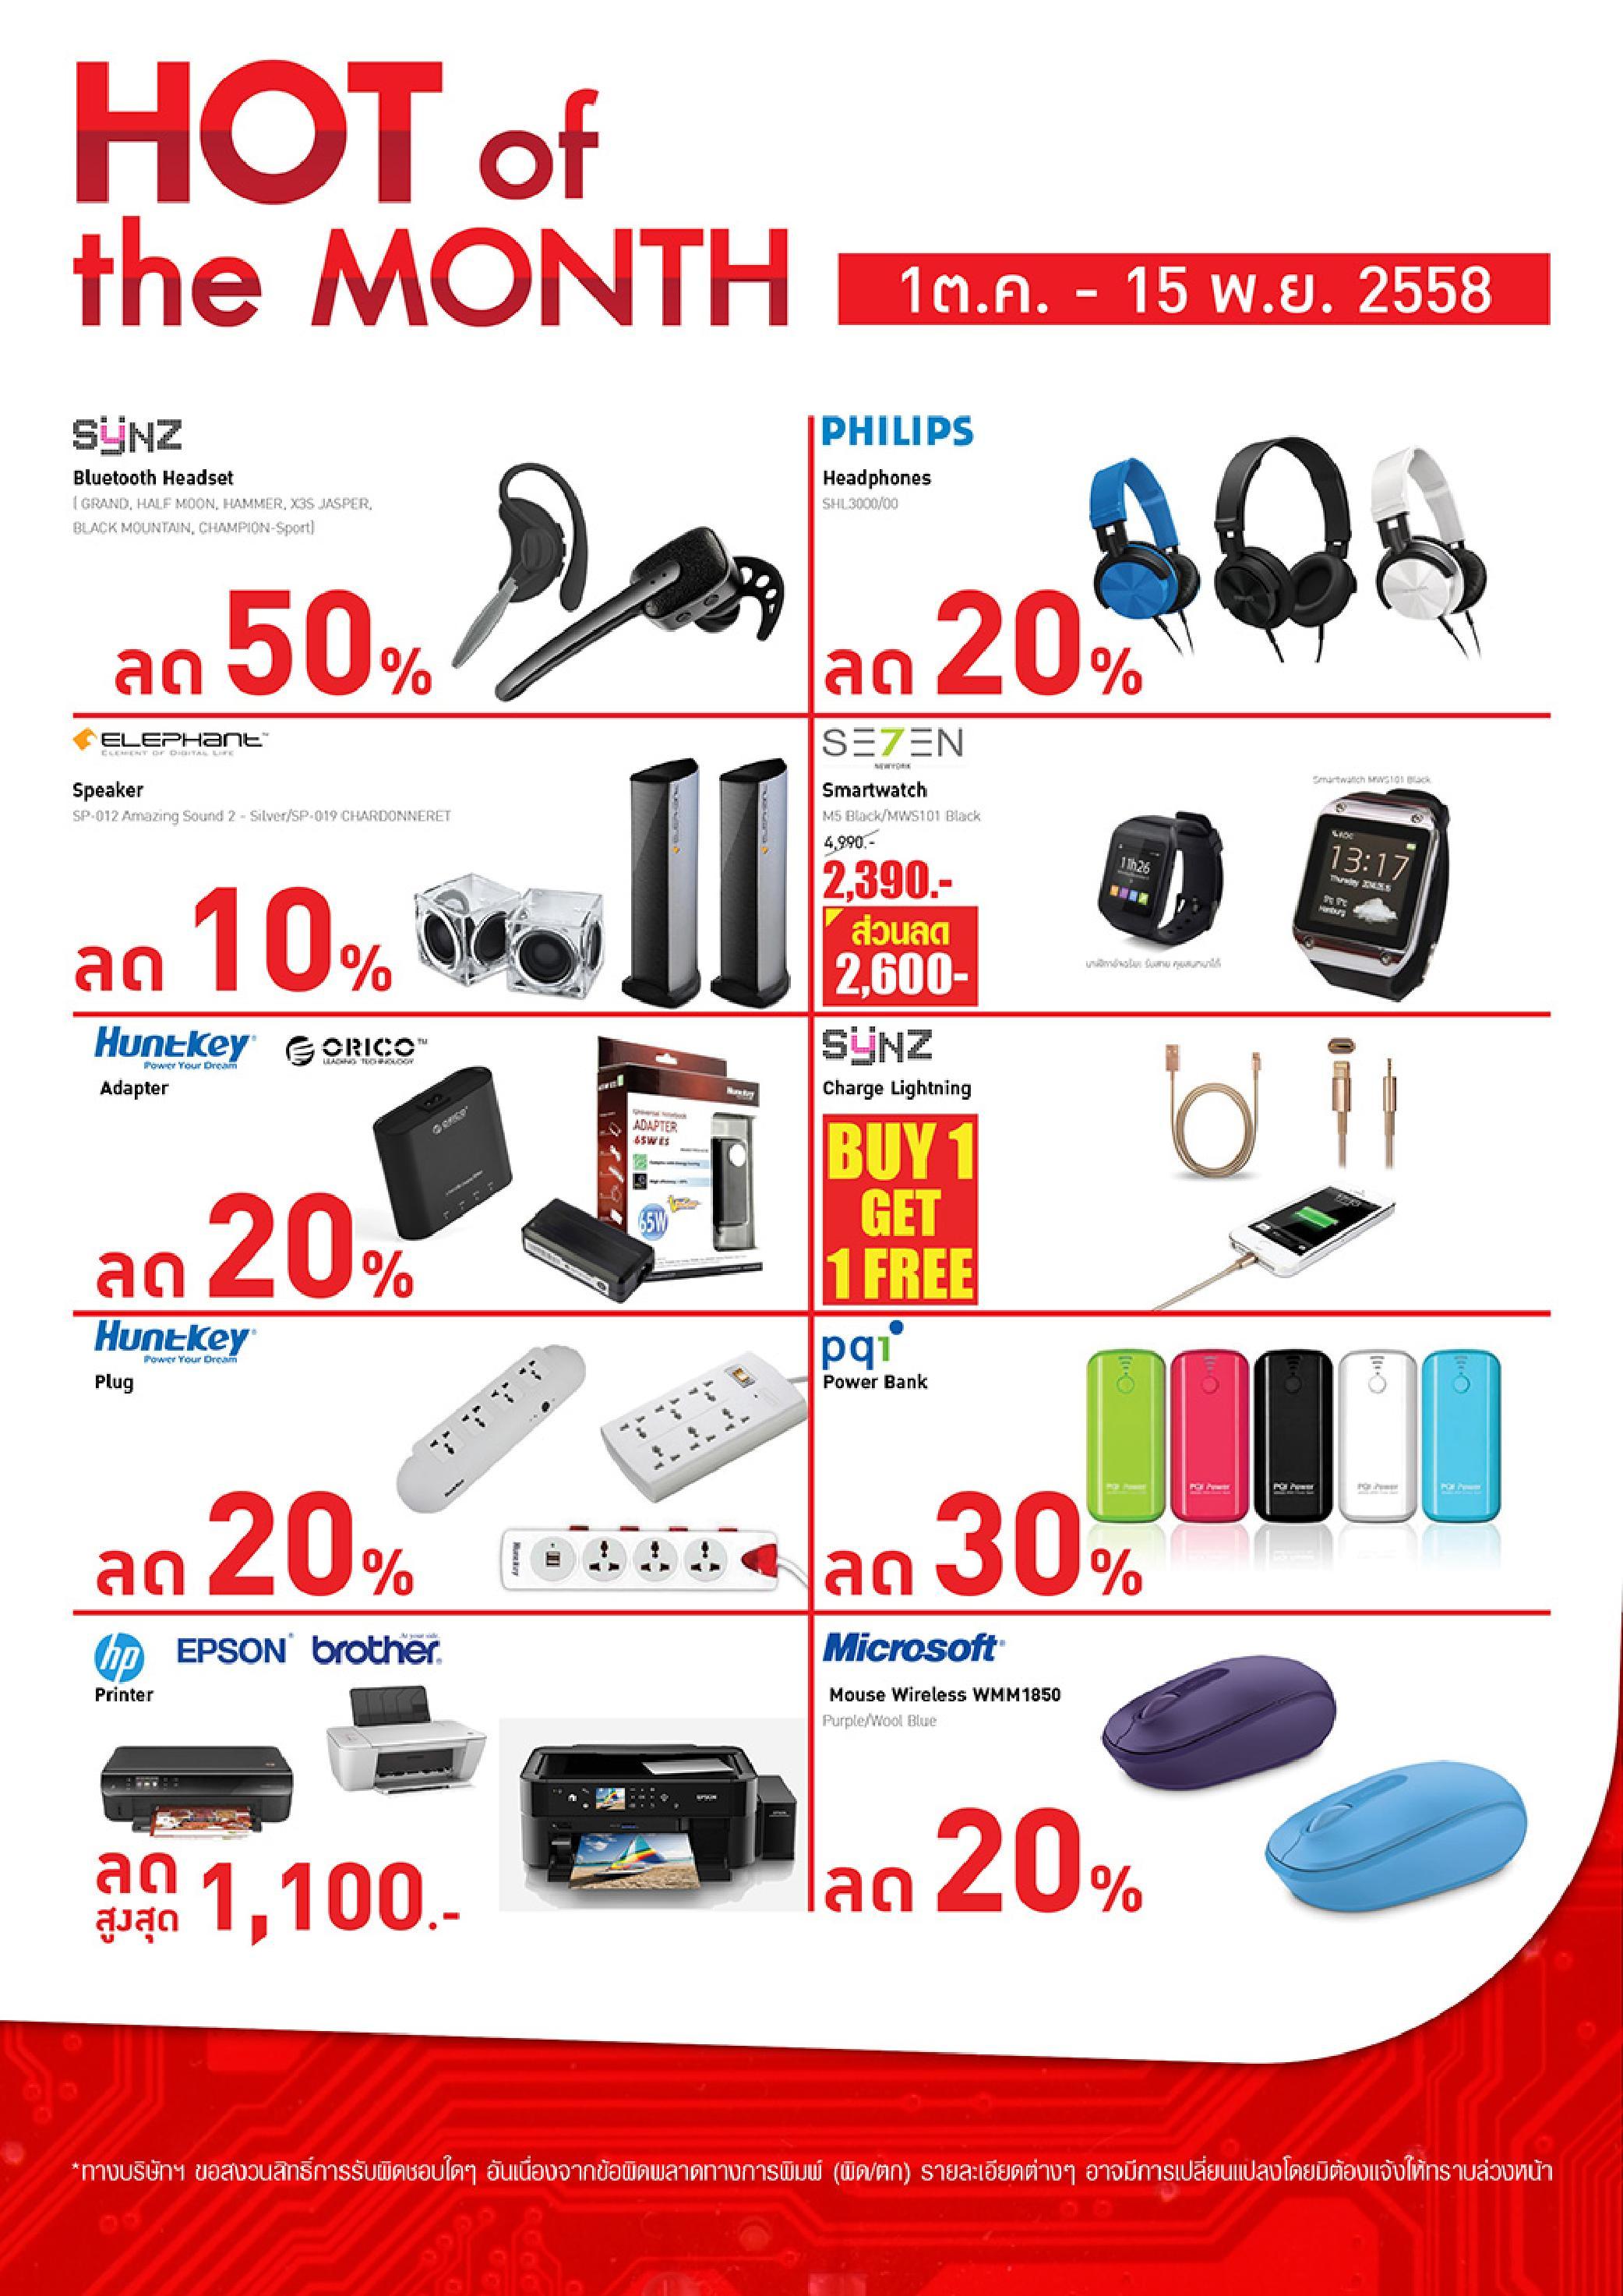 HOF-brochure-bnnit-page-005